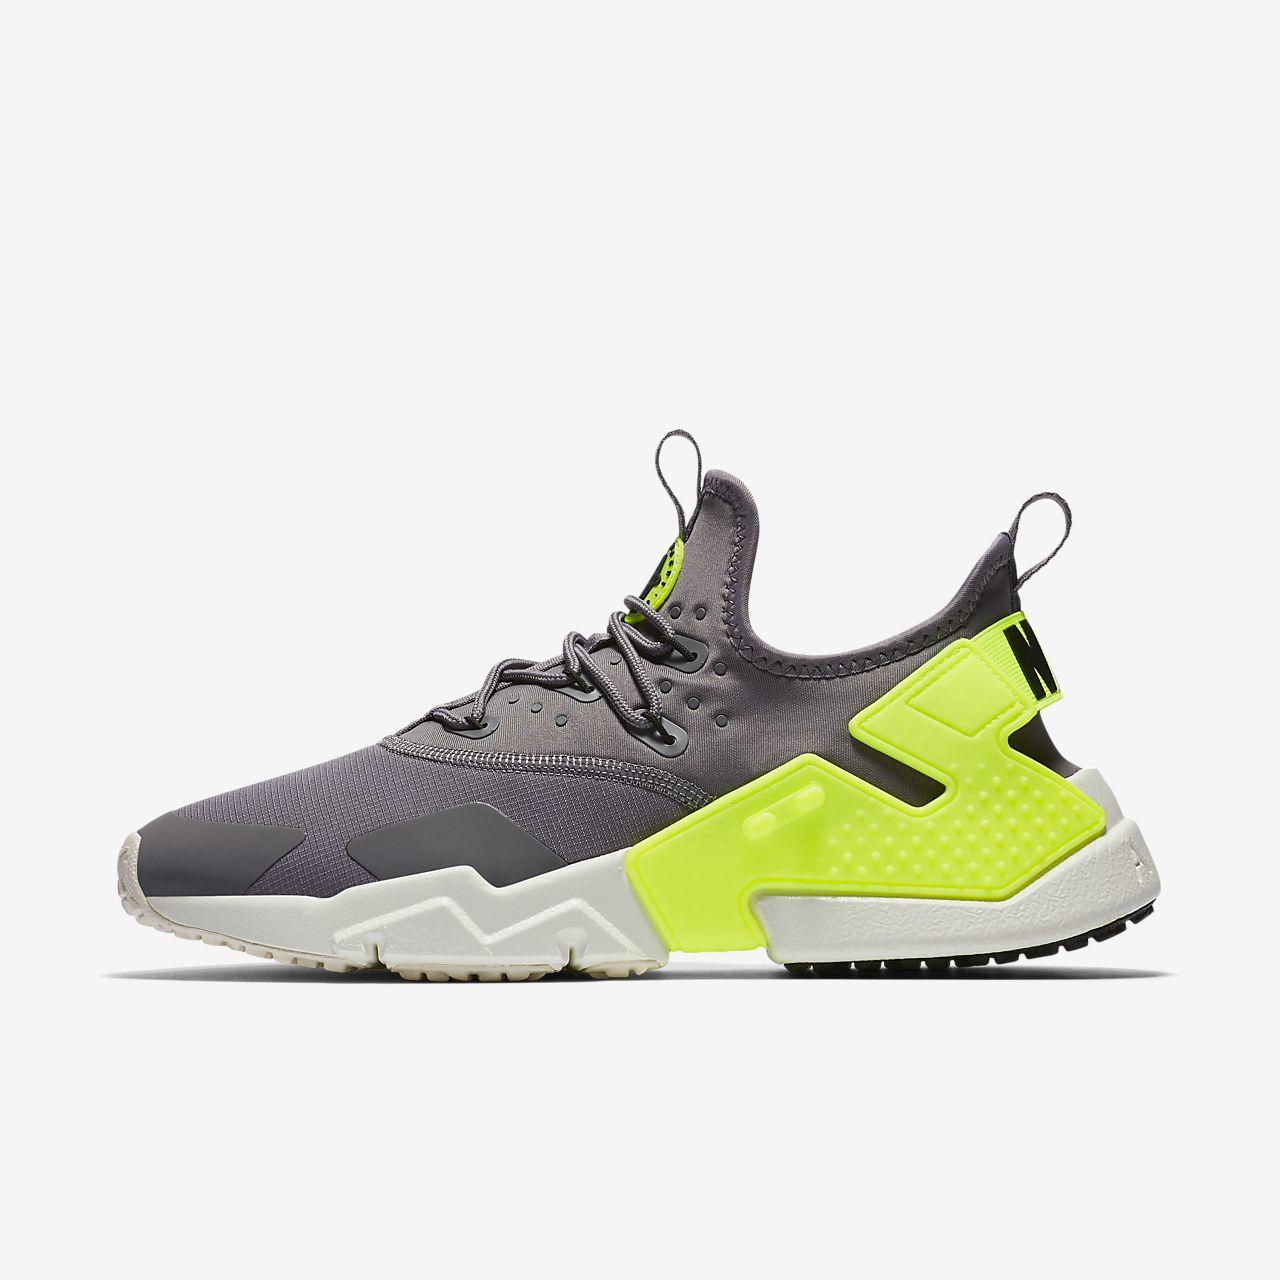 Nike Air Huarache Drift 男子运动鞋